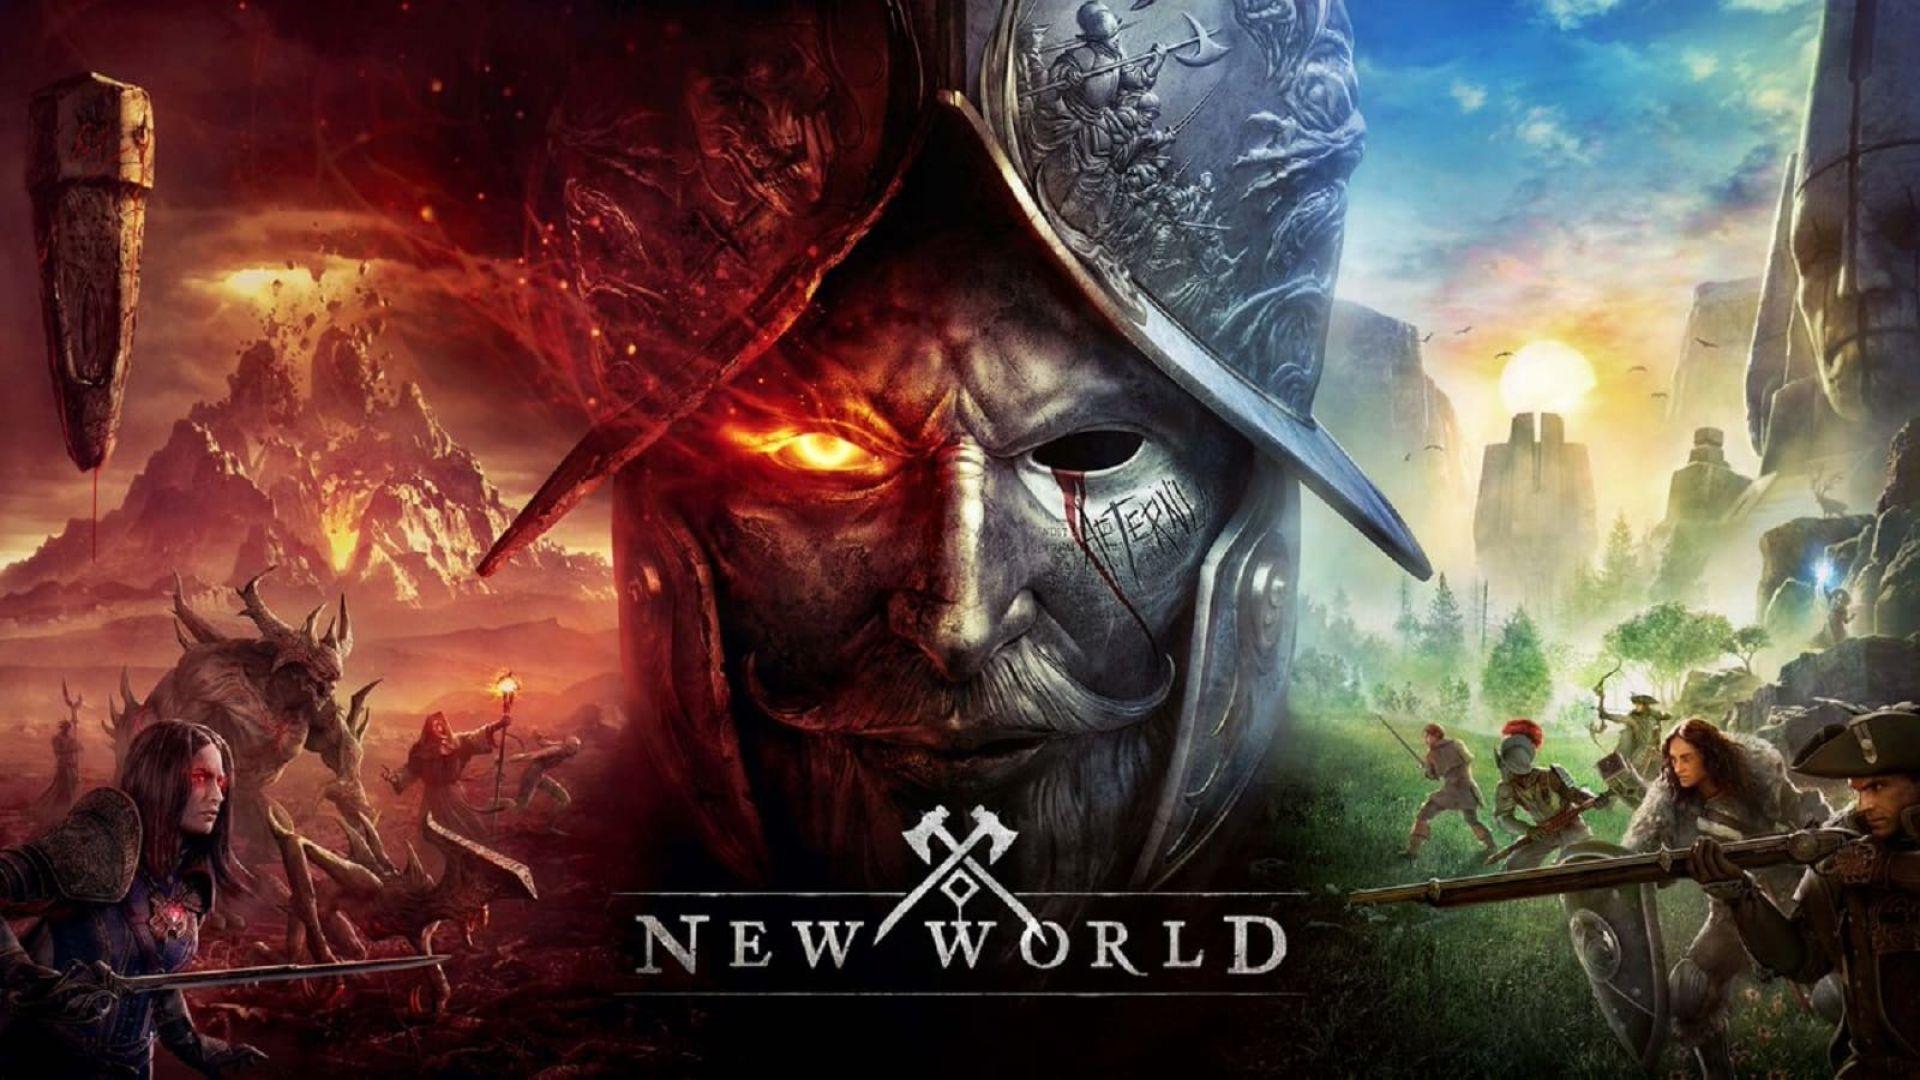 Бета версията на New World вече има 190 000 играчи в Steam